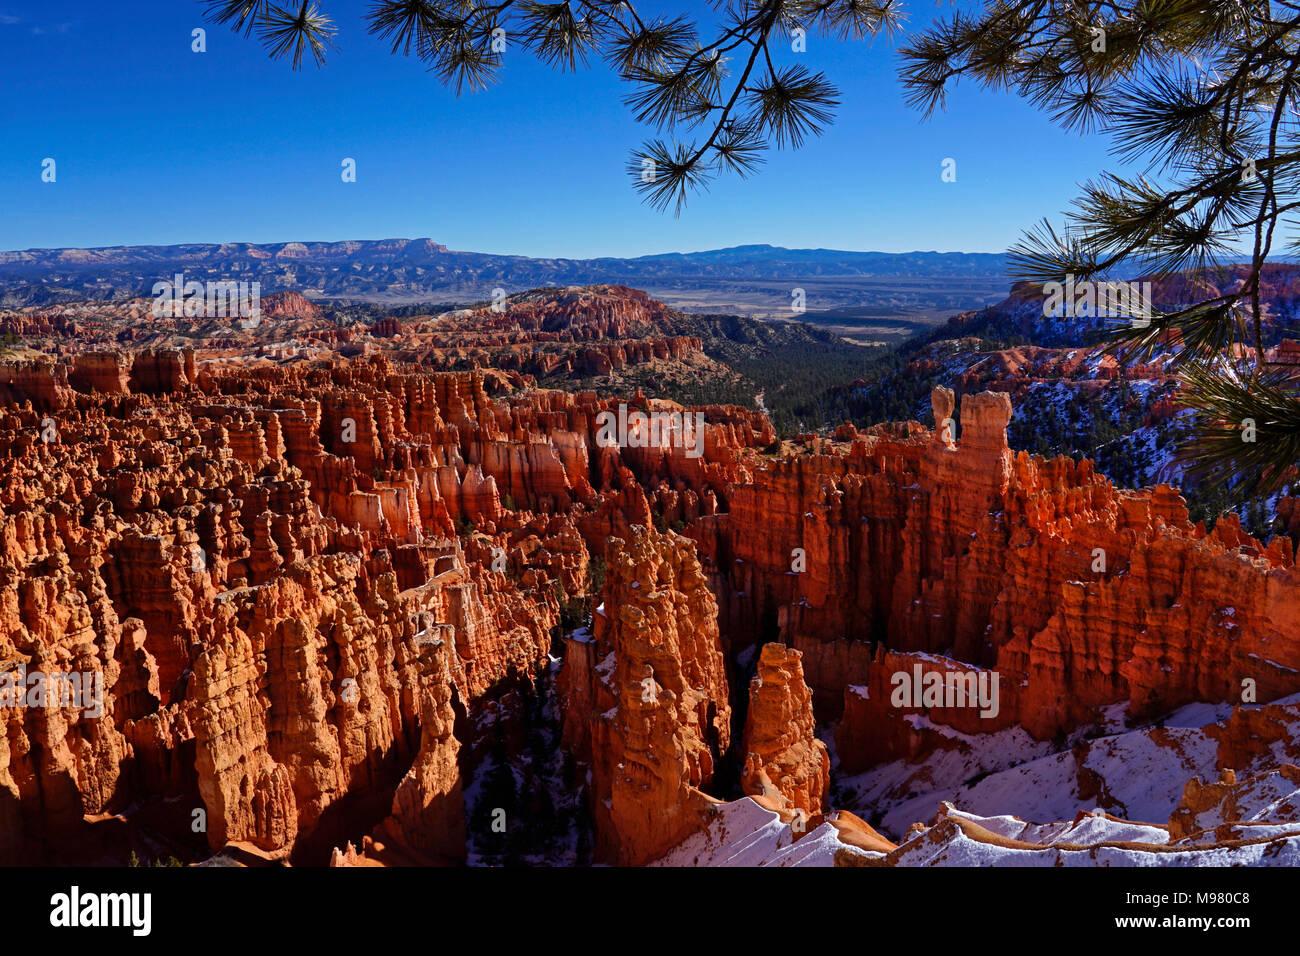 Parco Nazionale di Bryce Canyon in inverno,Utah,l'America del Nord Immagini Stock